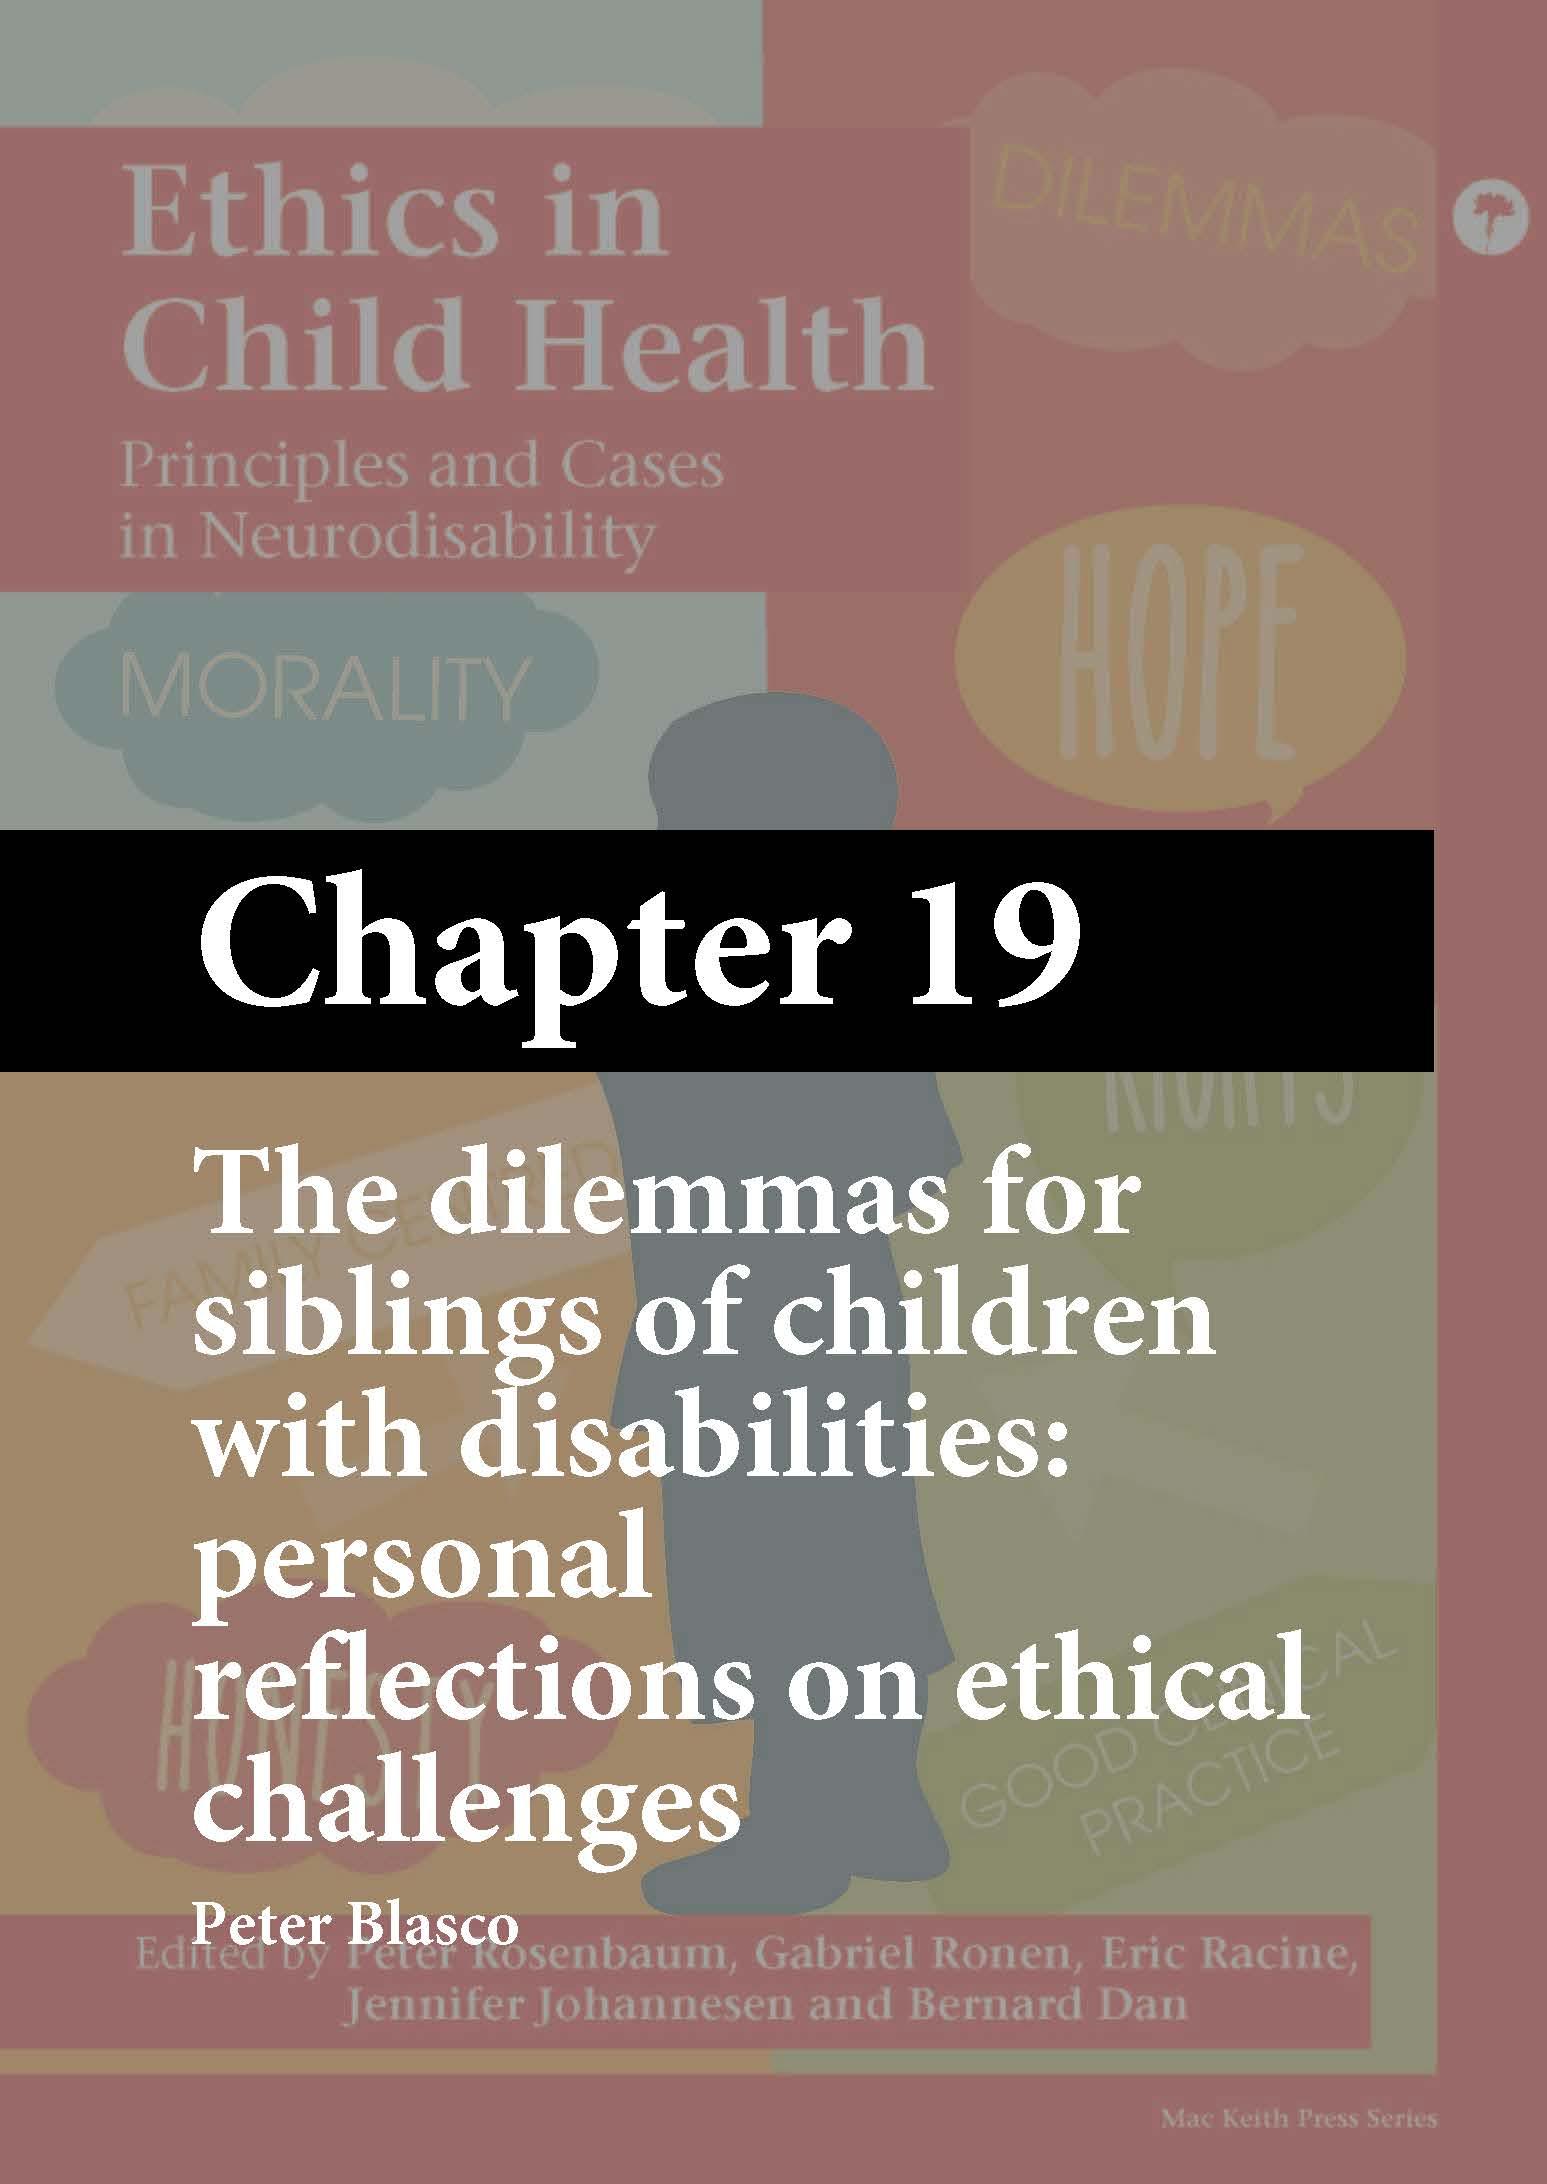 Ethics in Child Health, Rosenbaum, Chapter 19 cover